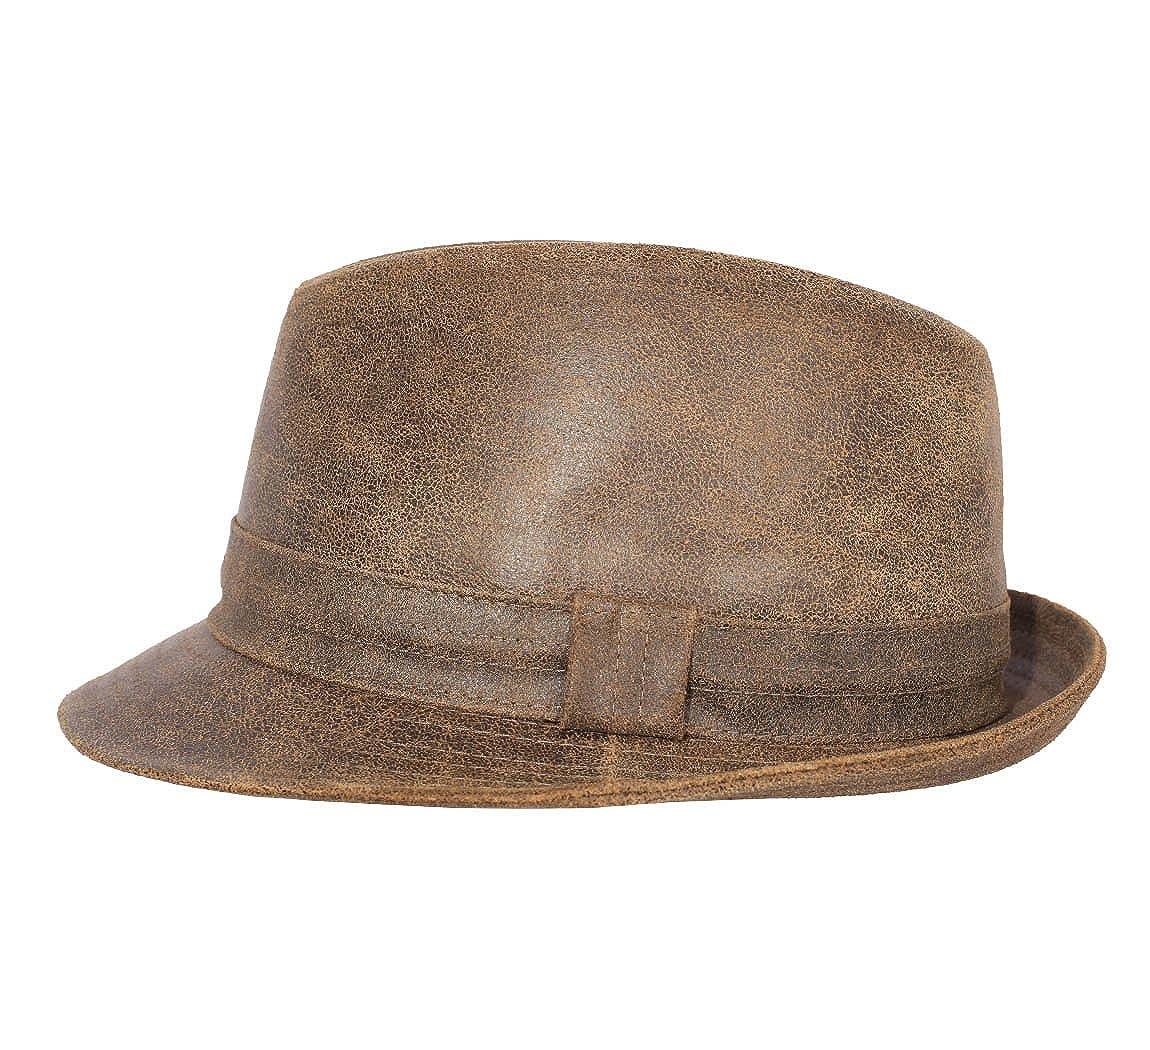 Classic Italy - Cappello Trilby Feltro Uomo Trilby Feltro di Lana Vieilli -  Size 58 cm - Marron  Amazon.it  Abbigliamento 82083d30eae3